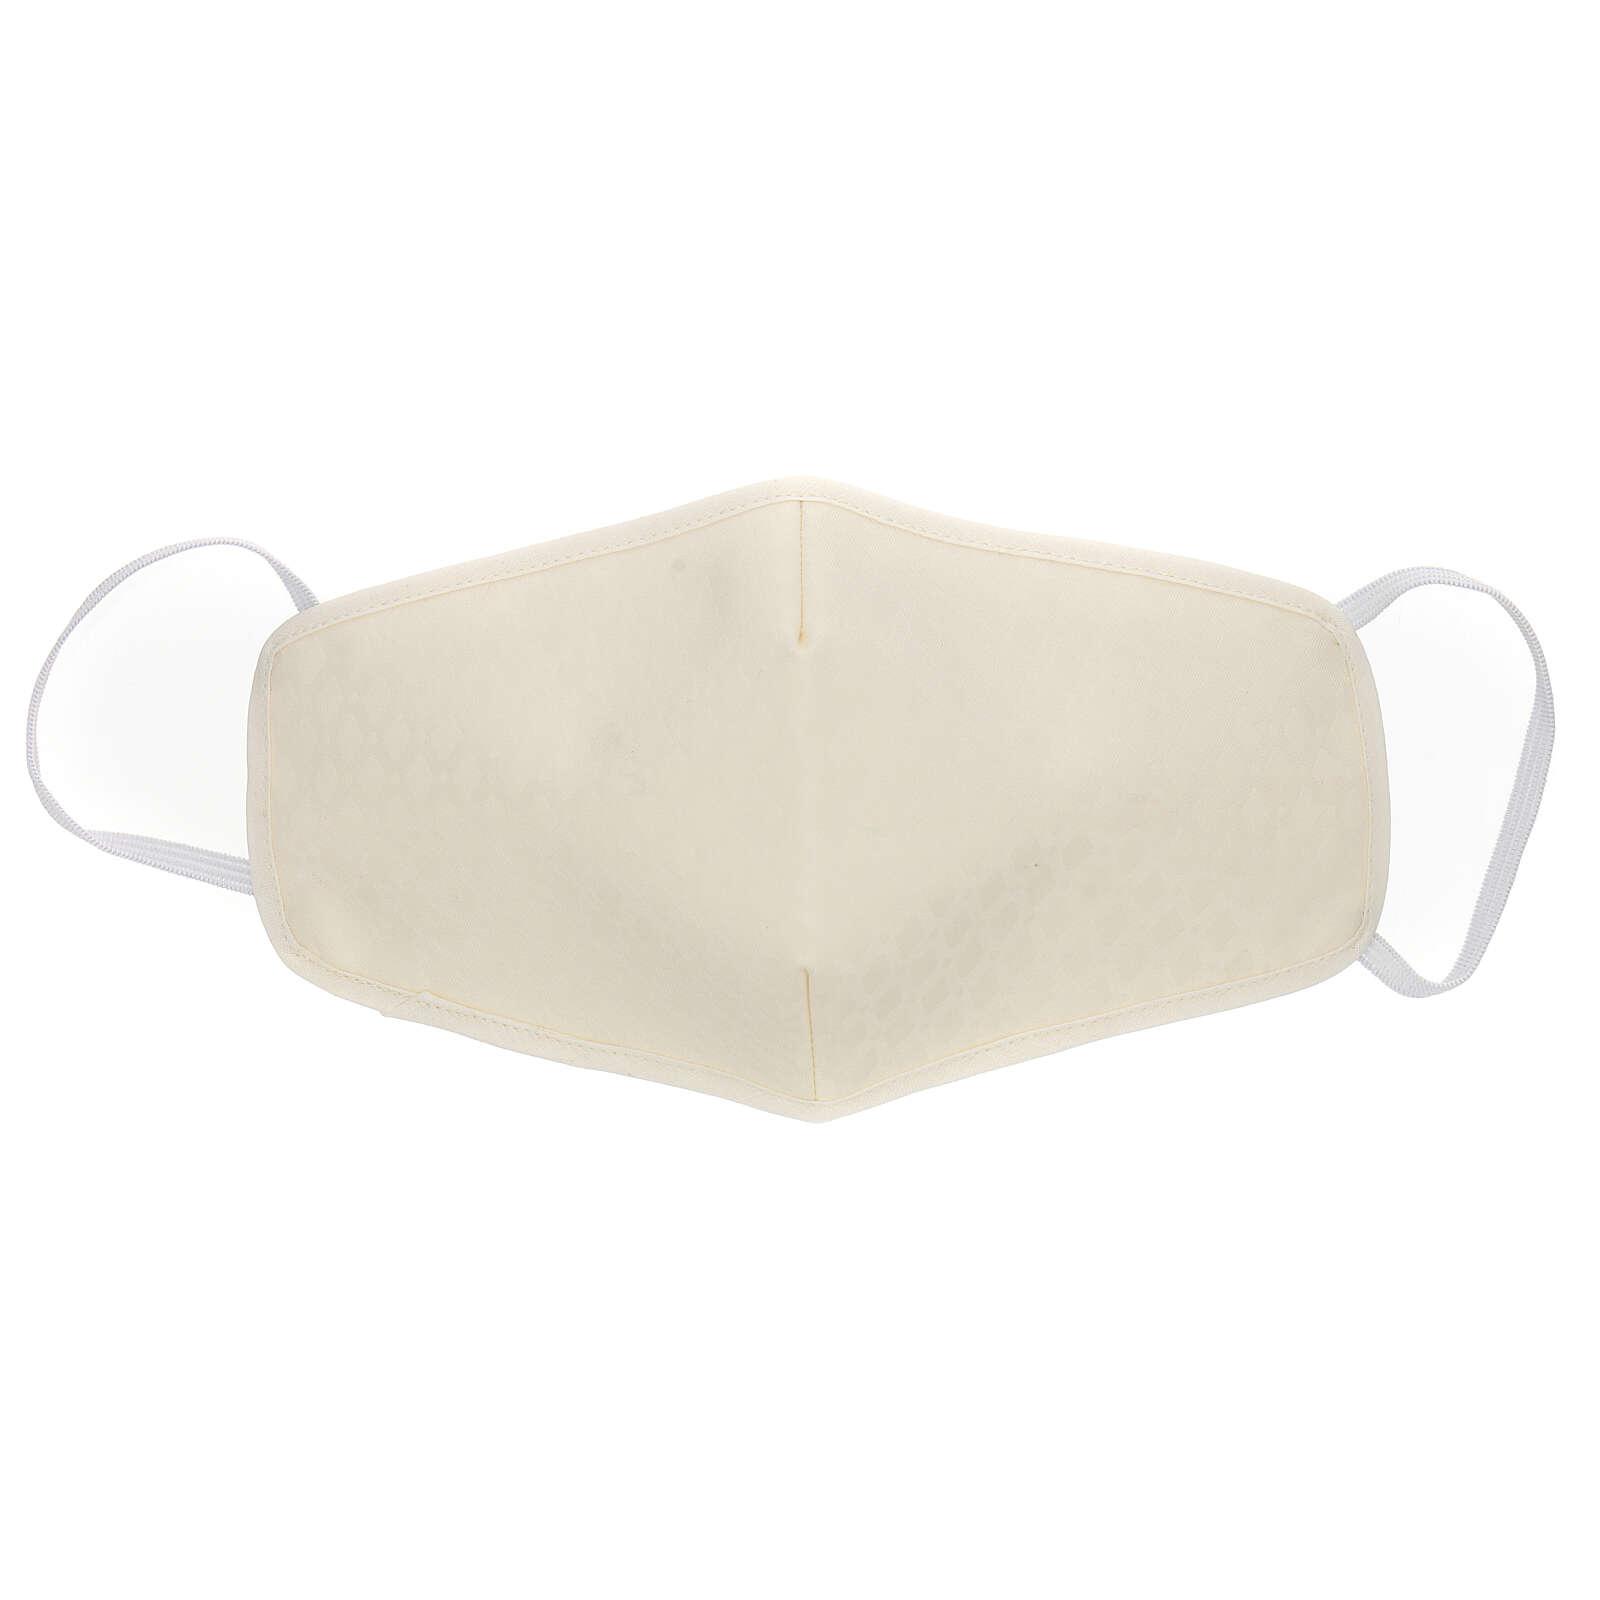 Mascherina in stoffa riutilizzabile avorio 3